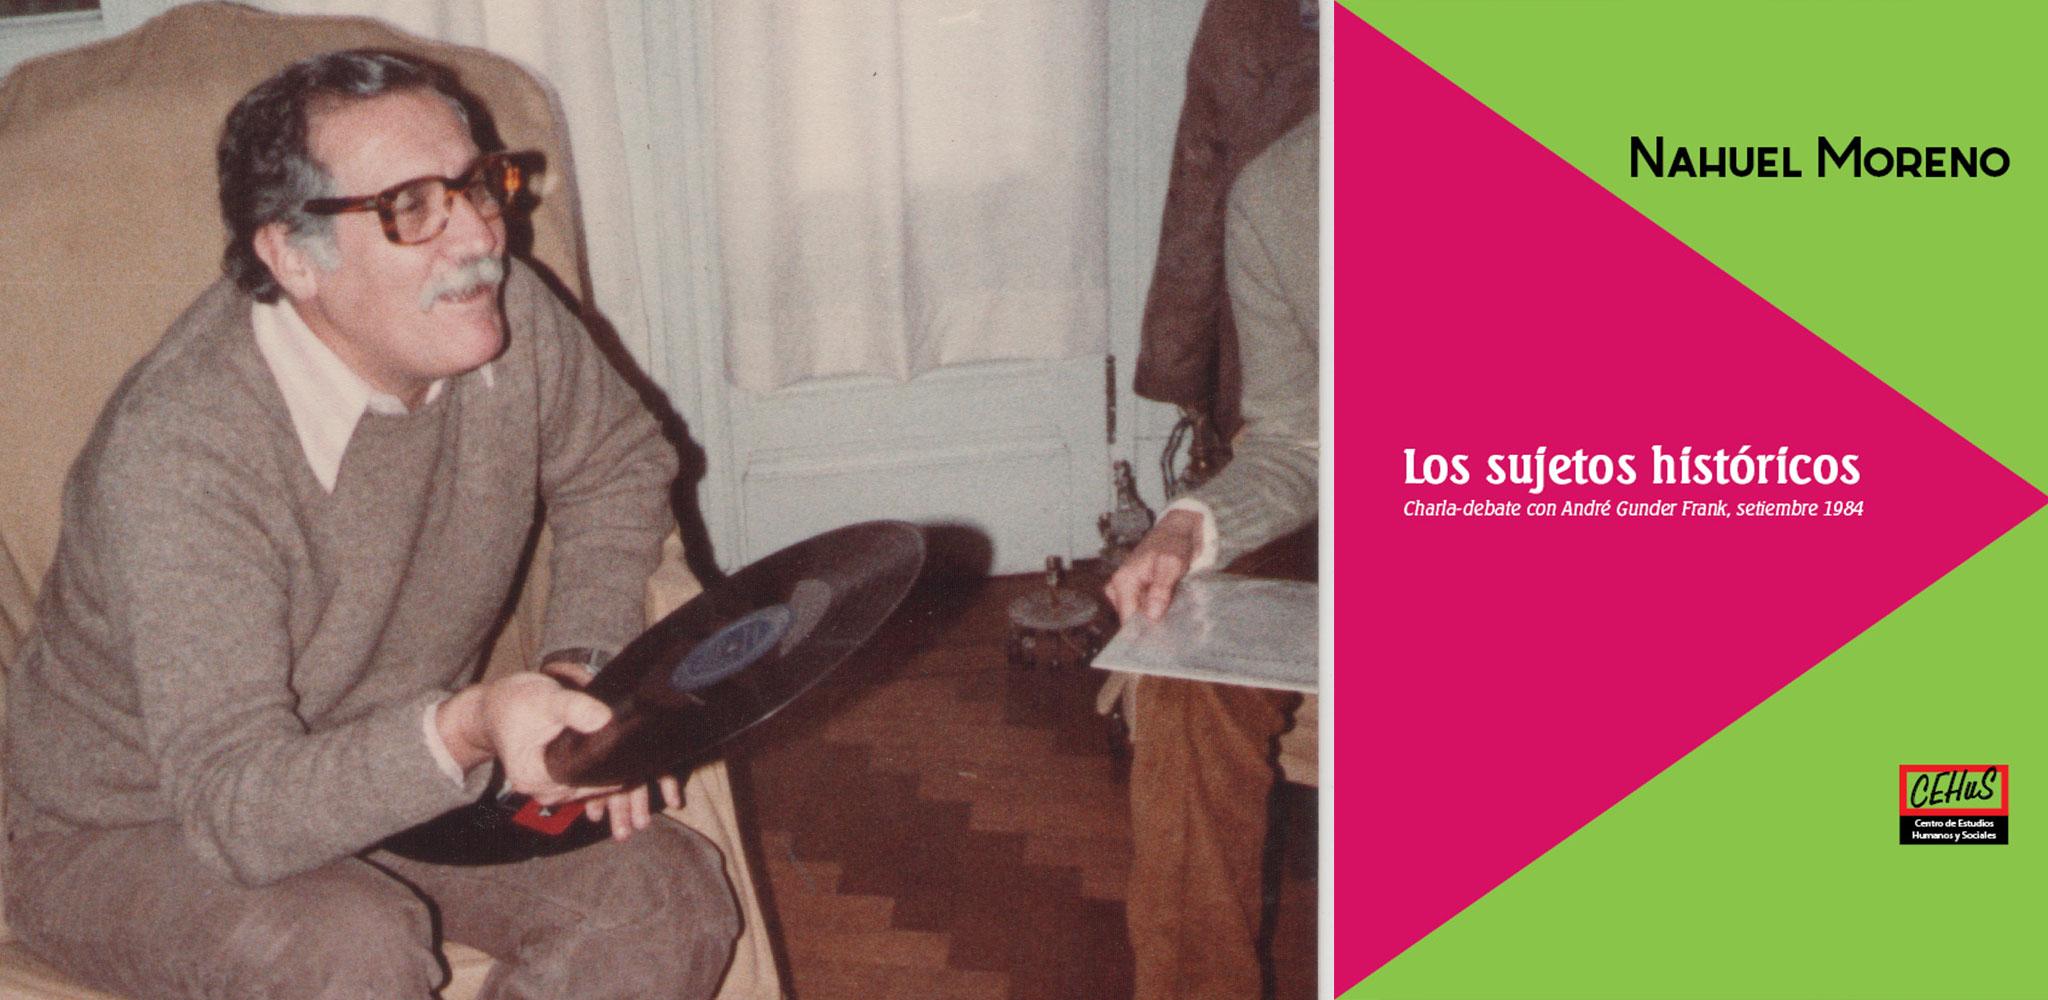 LOS SUJETOS HISTÓRICOS (1984)